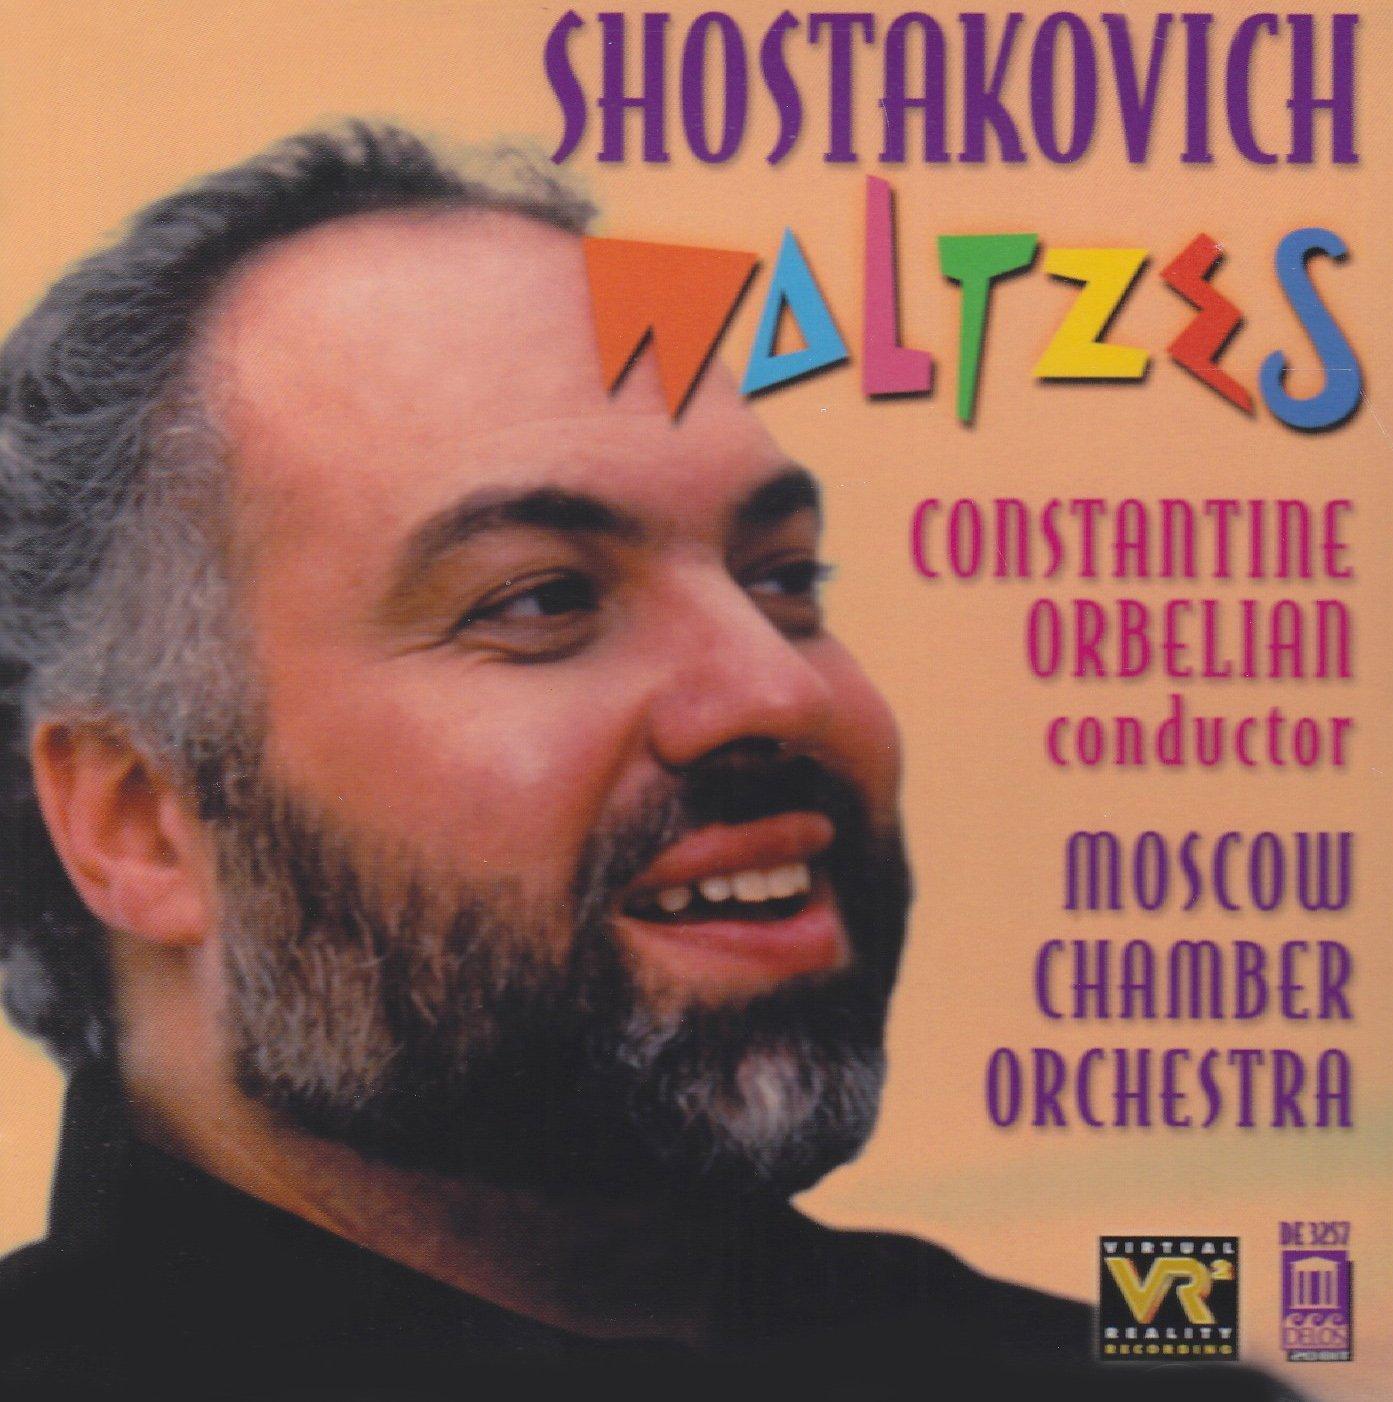 Shostakovich: Waltzes by Delos